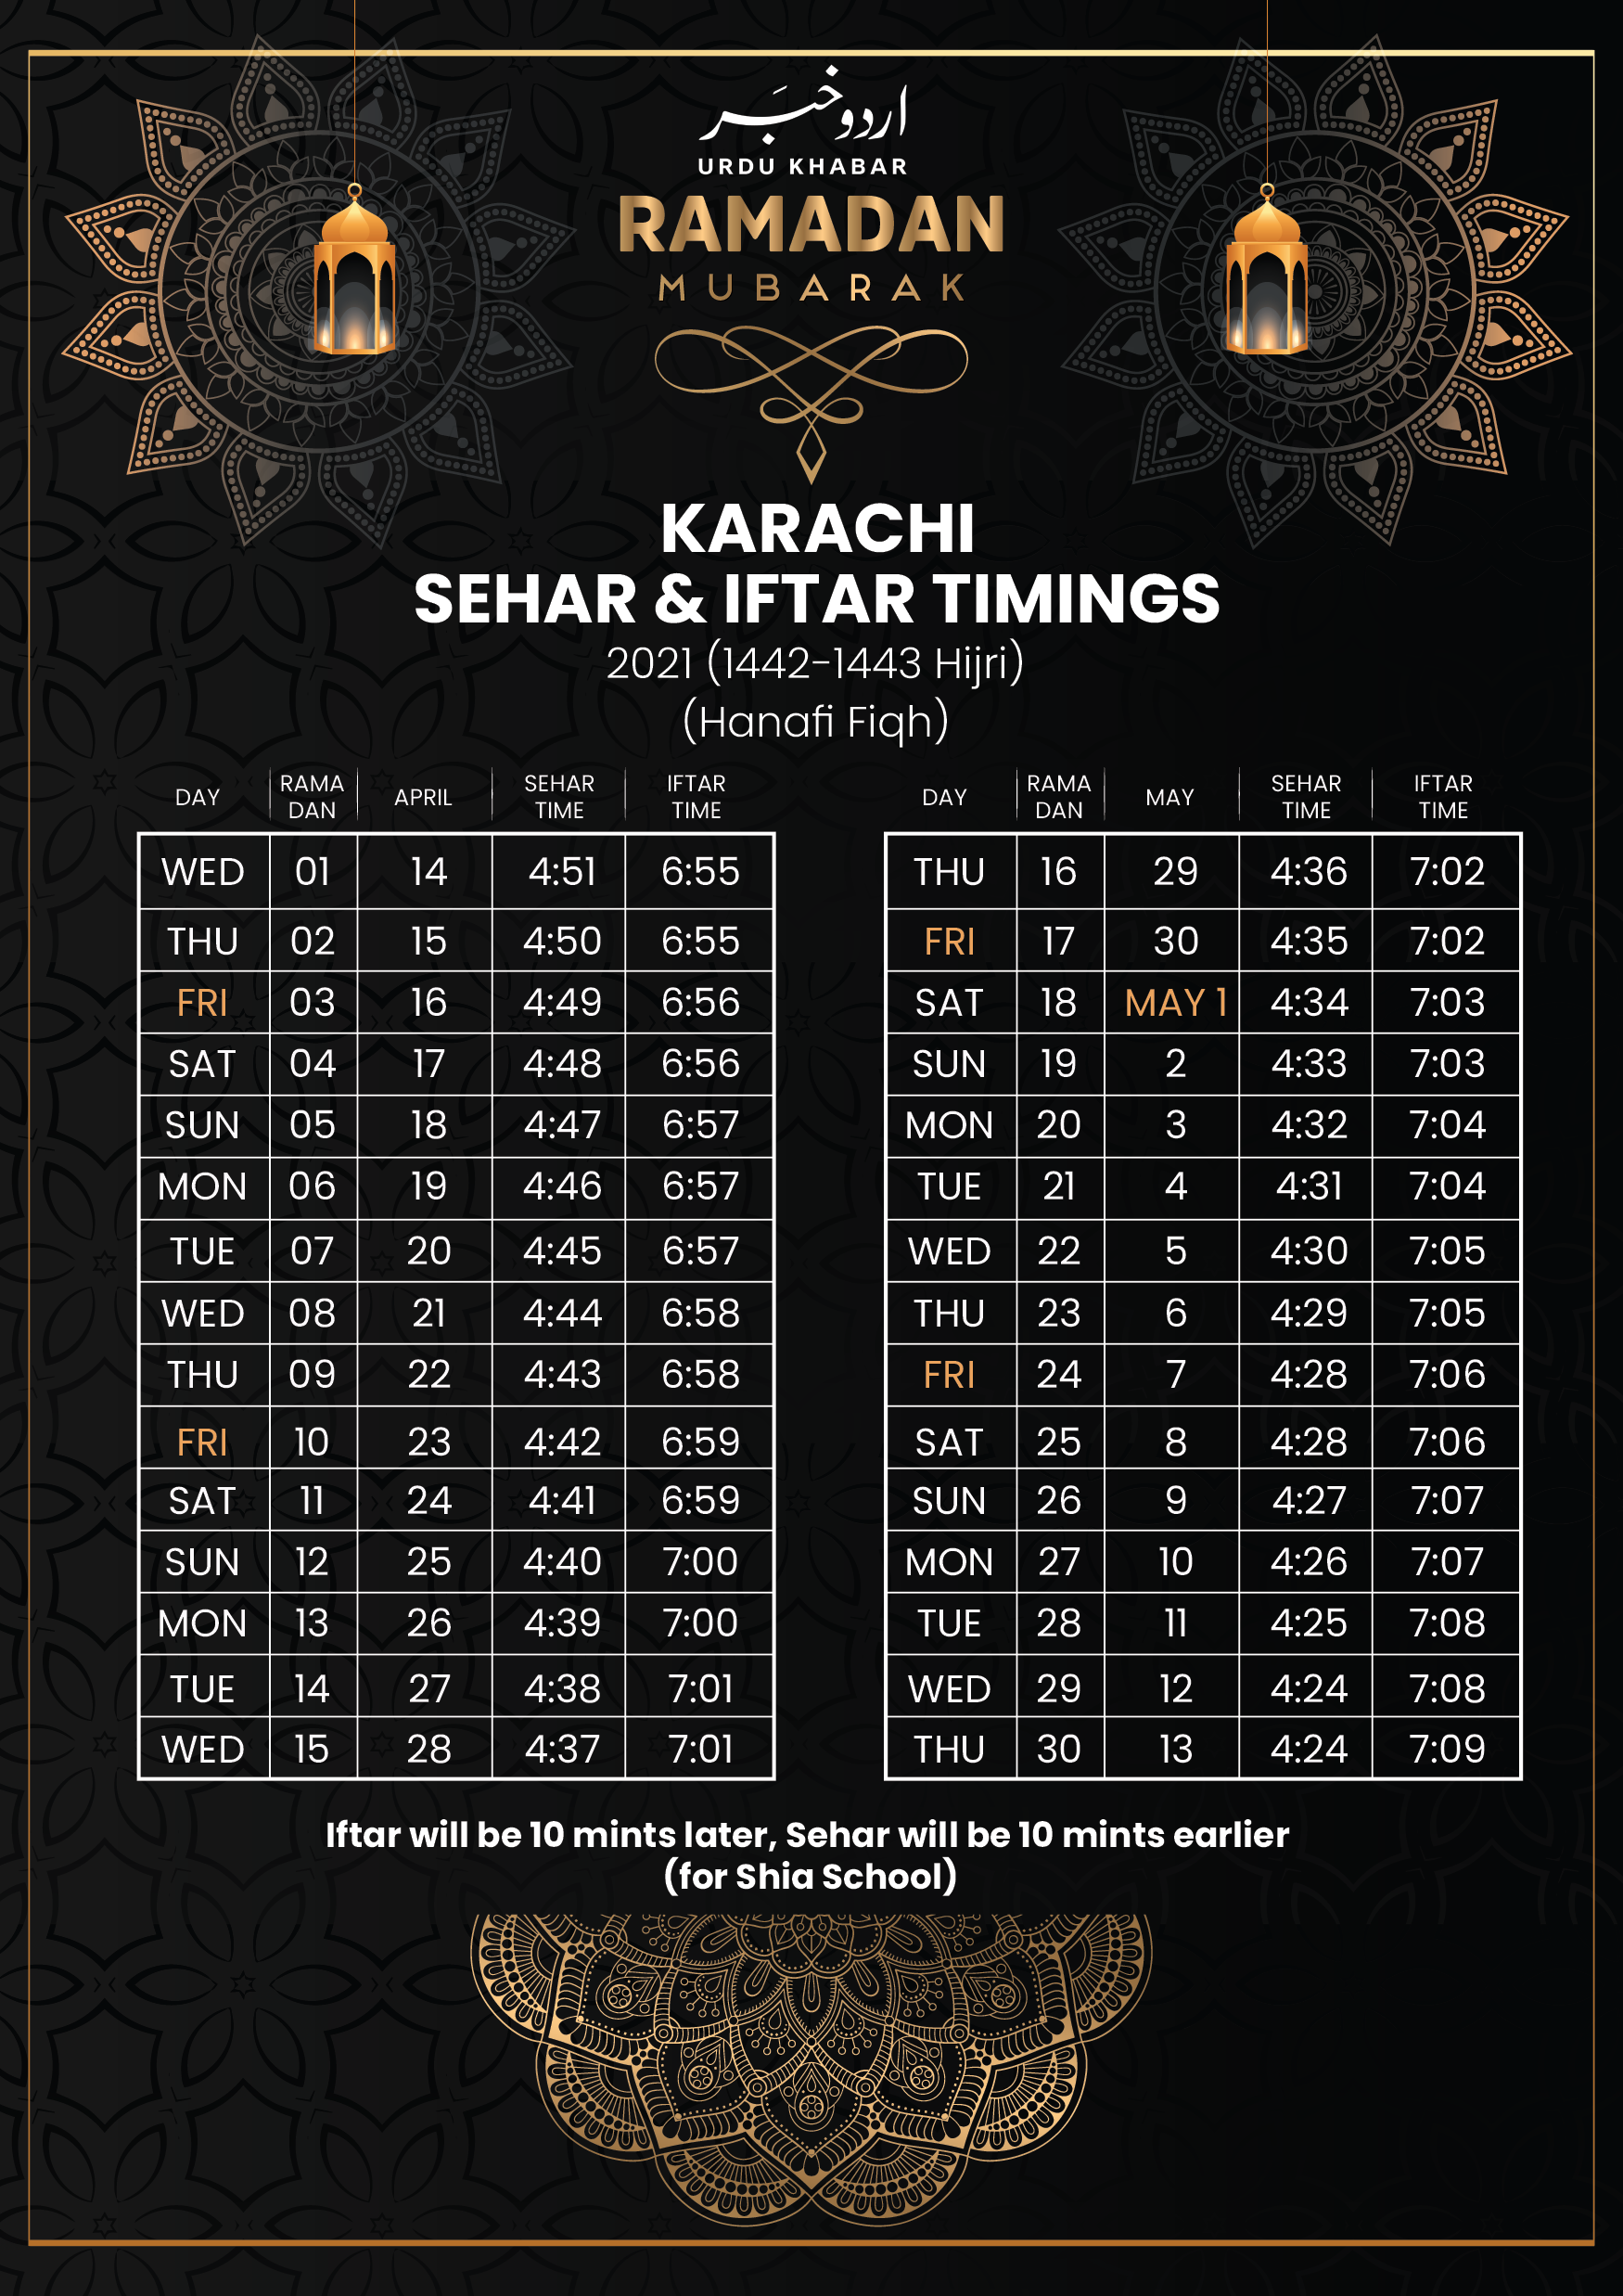 سحر و افطار کے اوقات کراچی